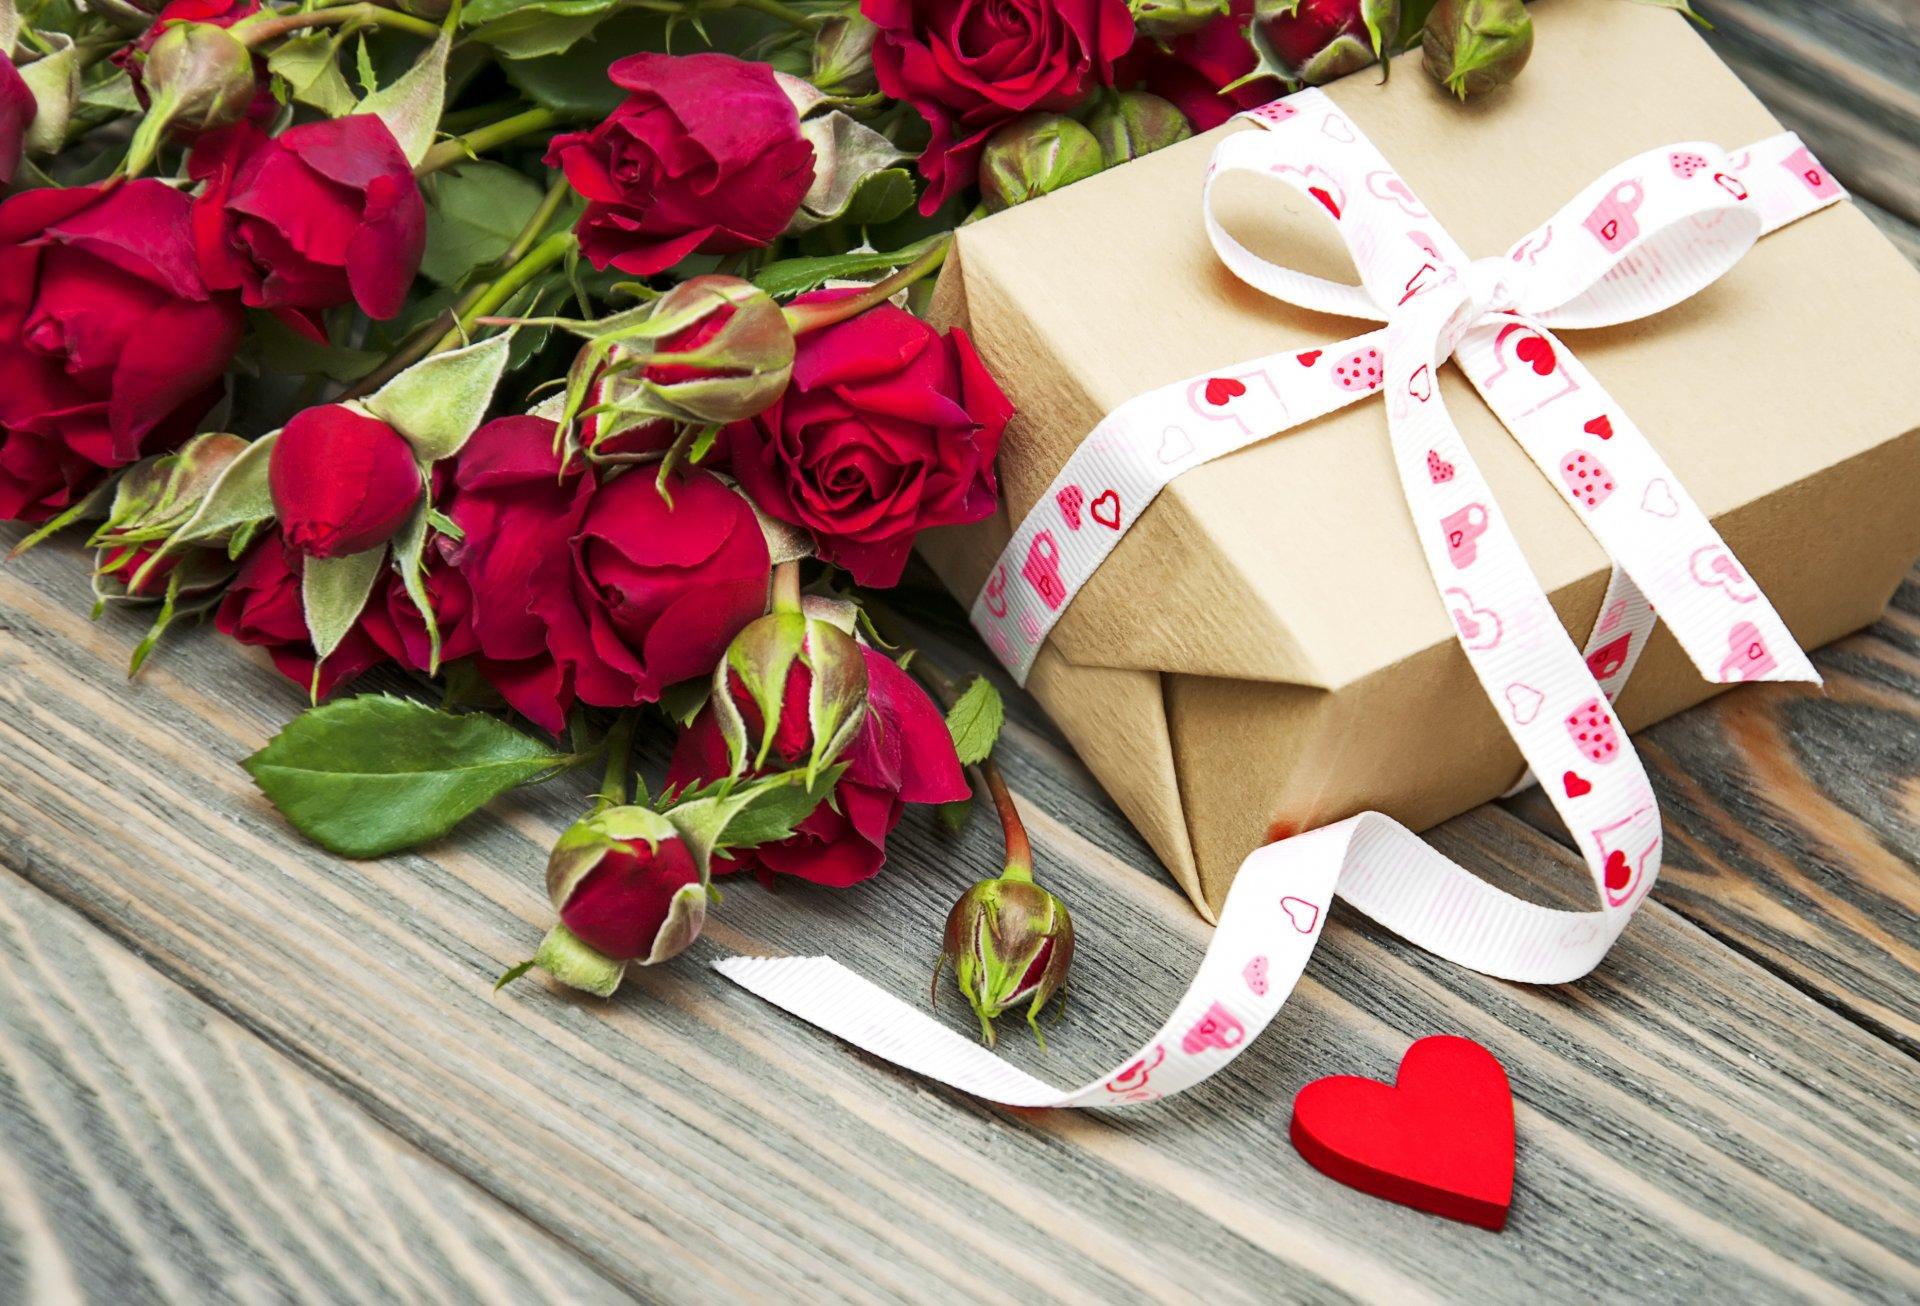 цветок подарок сюрприз загрузить